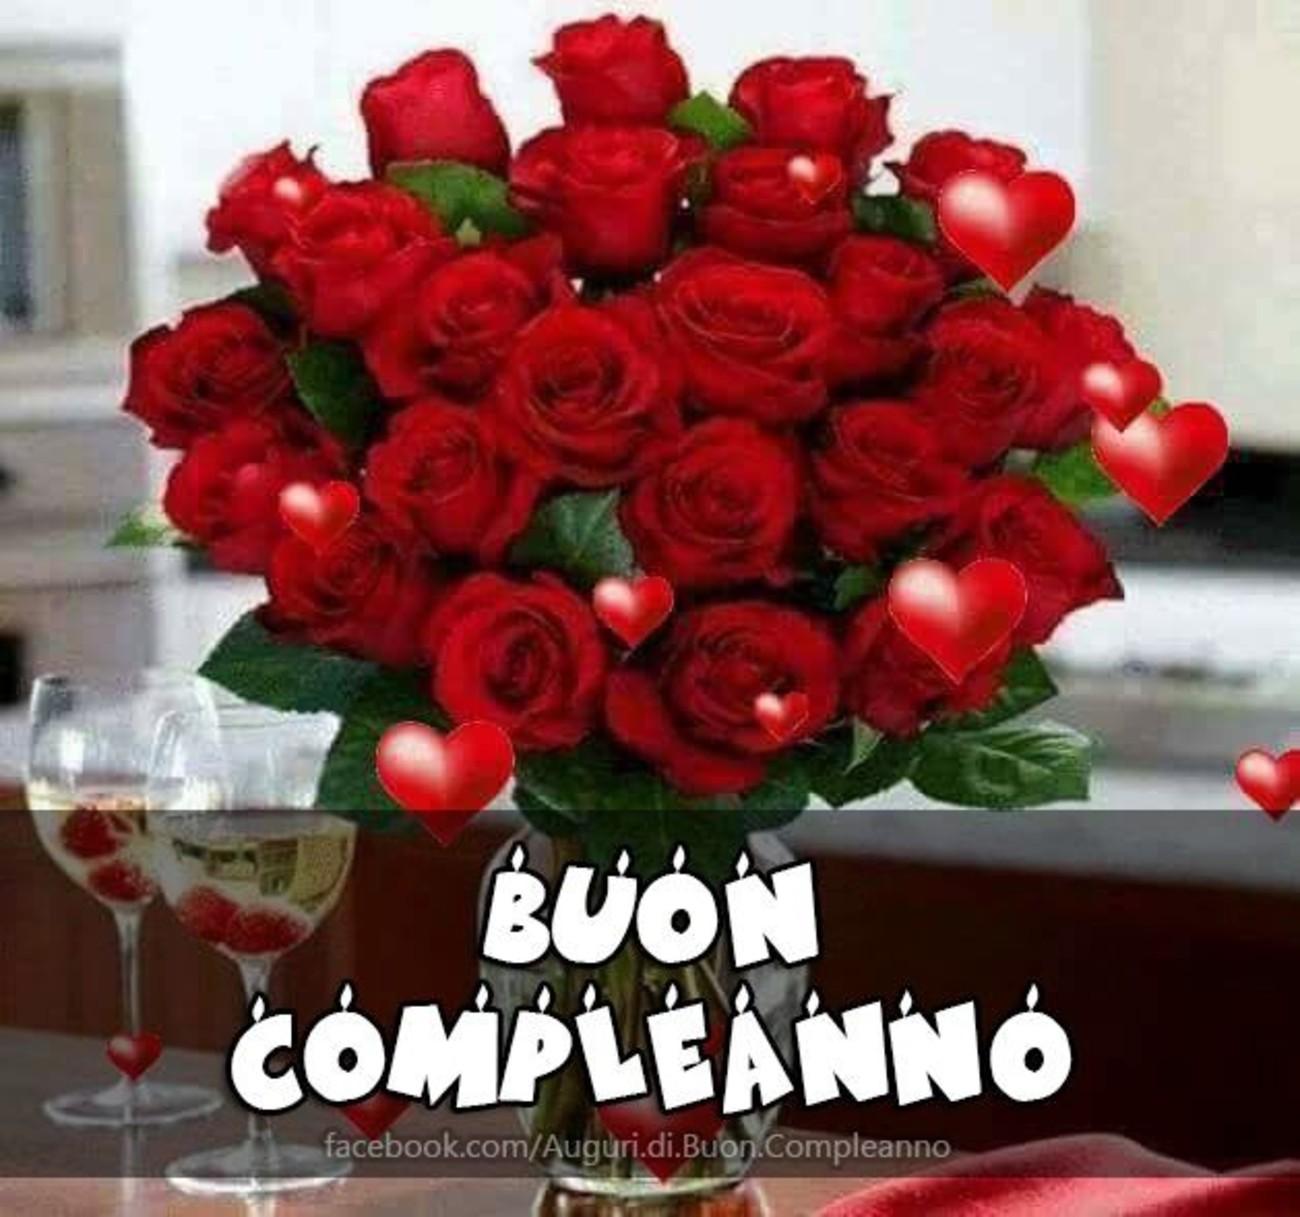 Famoso Buon Compleanno foto con rose rosse 177 - Buongiorno-Immagini.it FW02